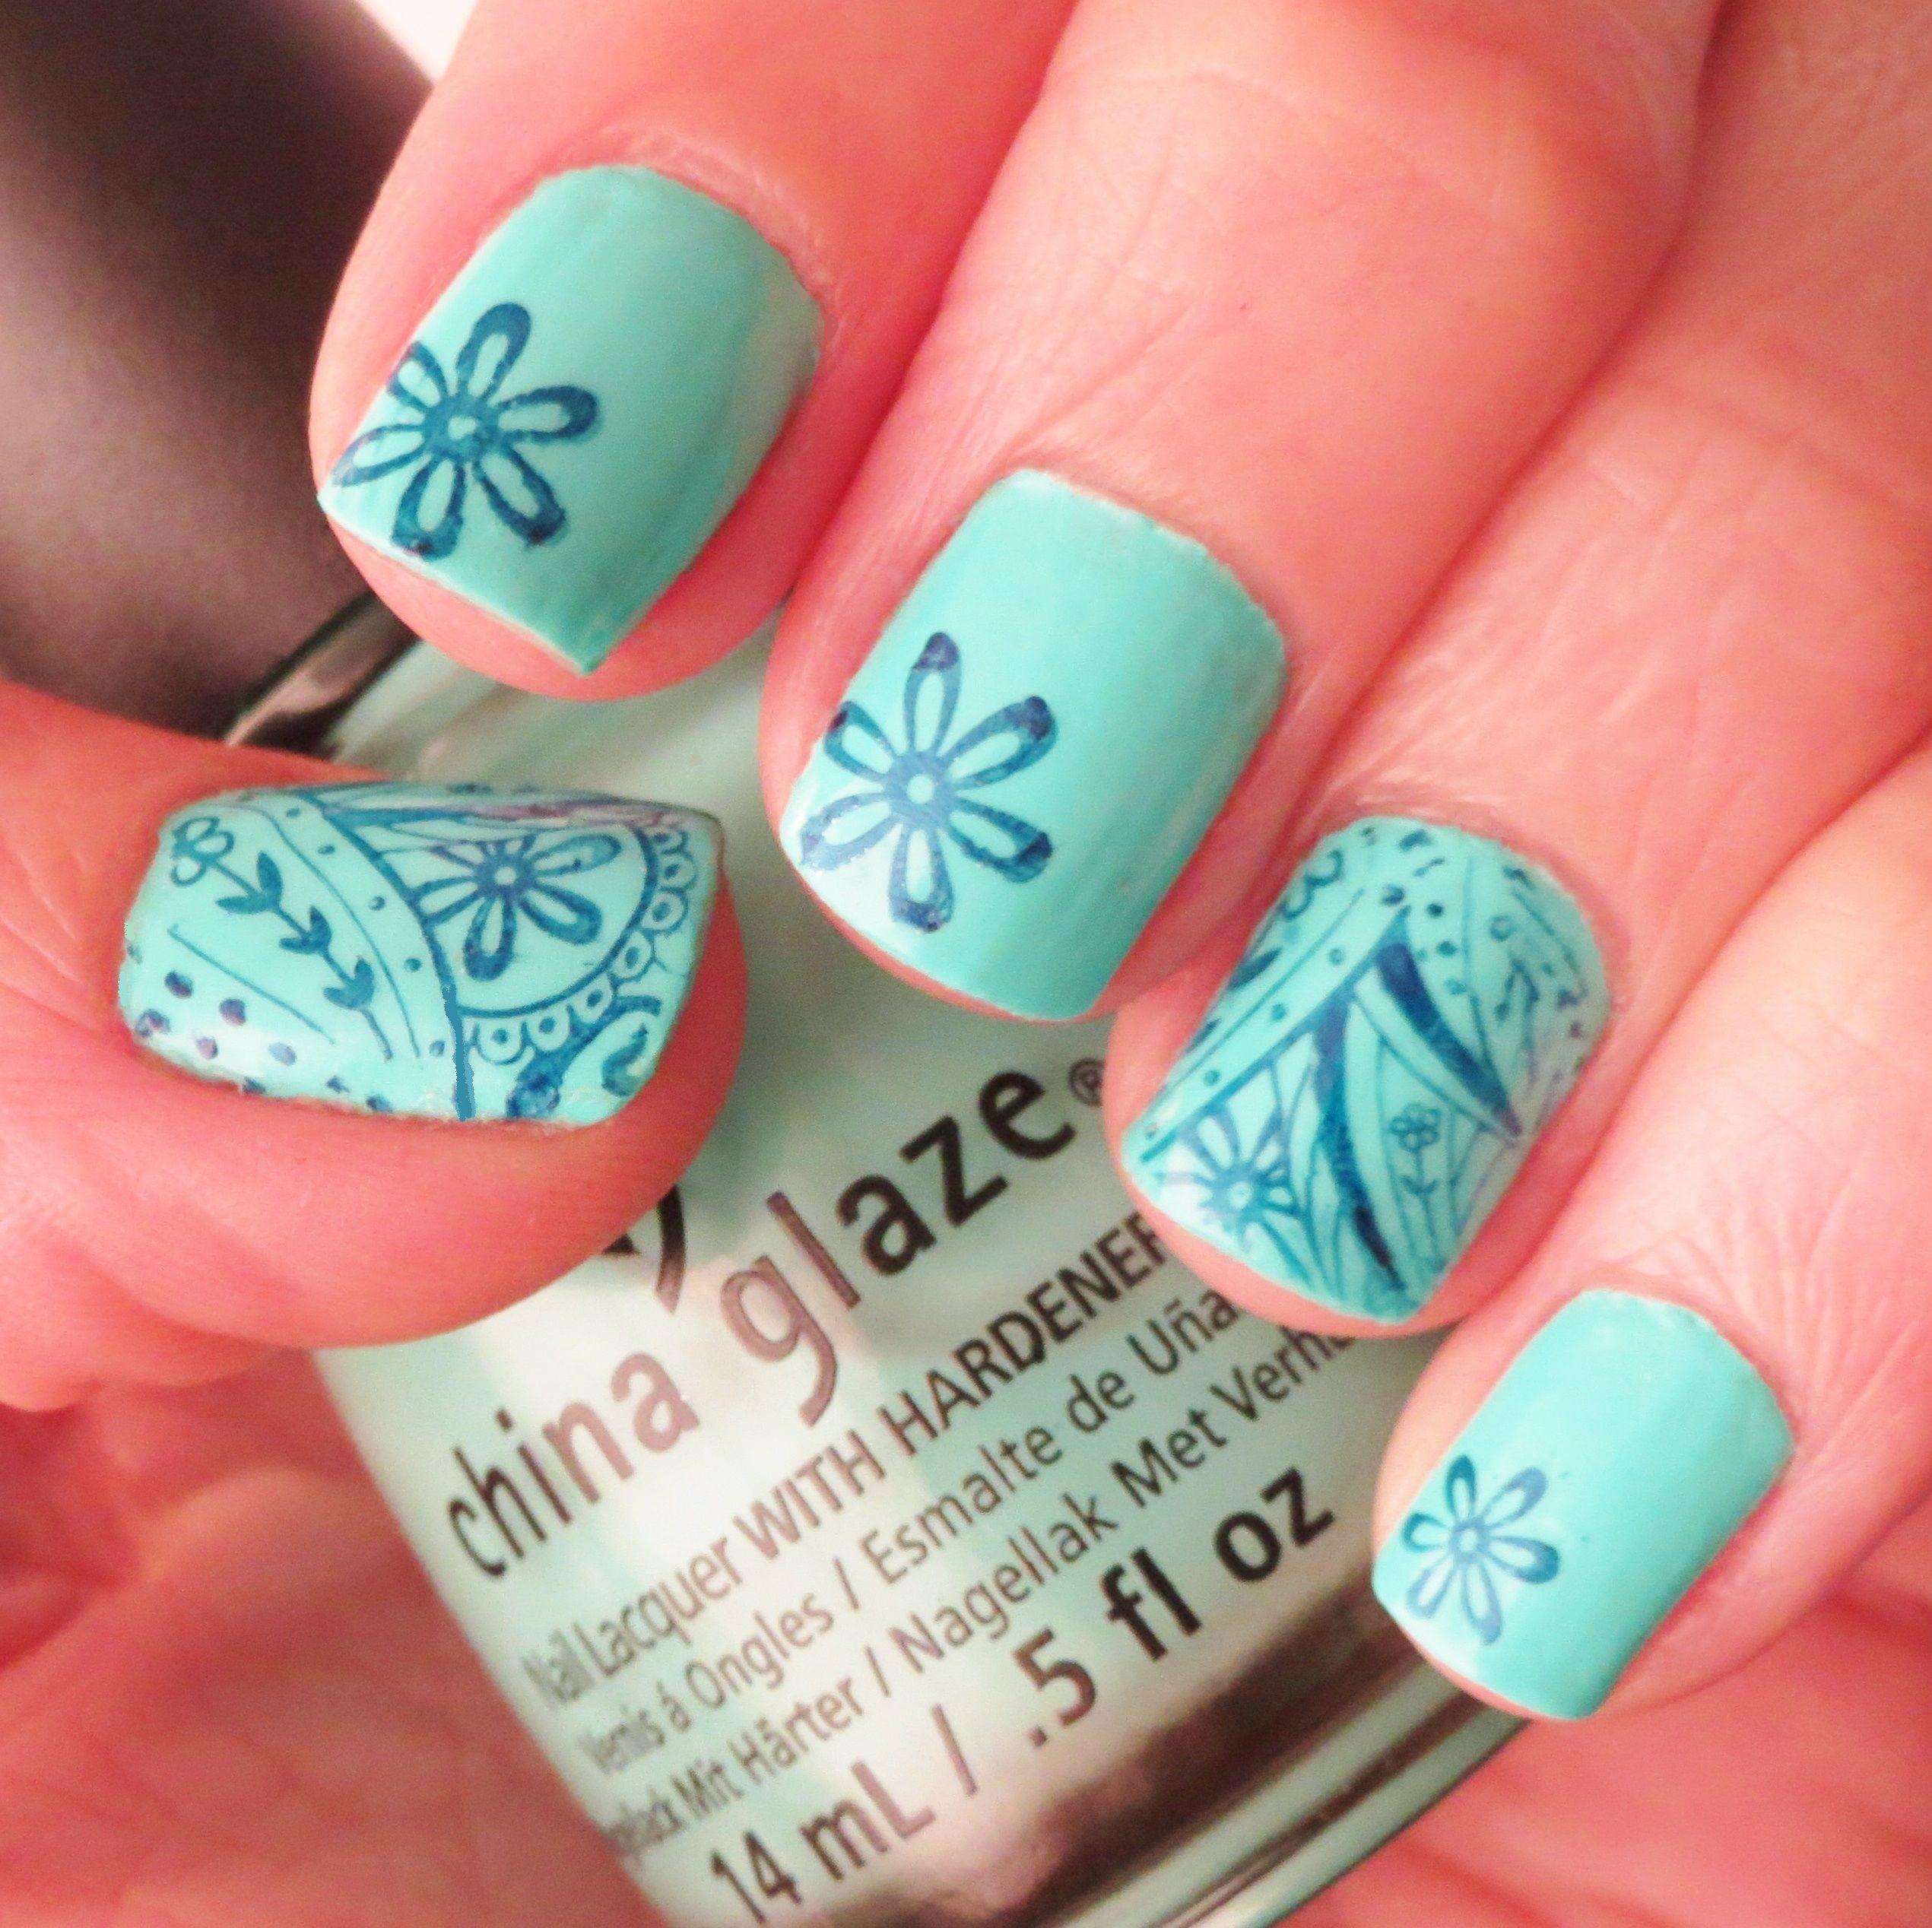 Blue paisley nailart china glaze too yacht to handel u nyc